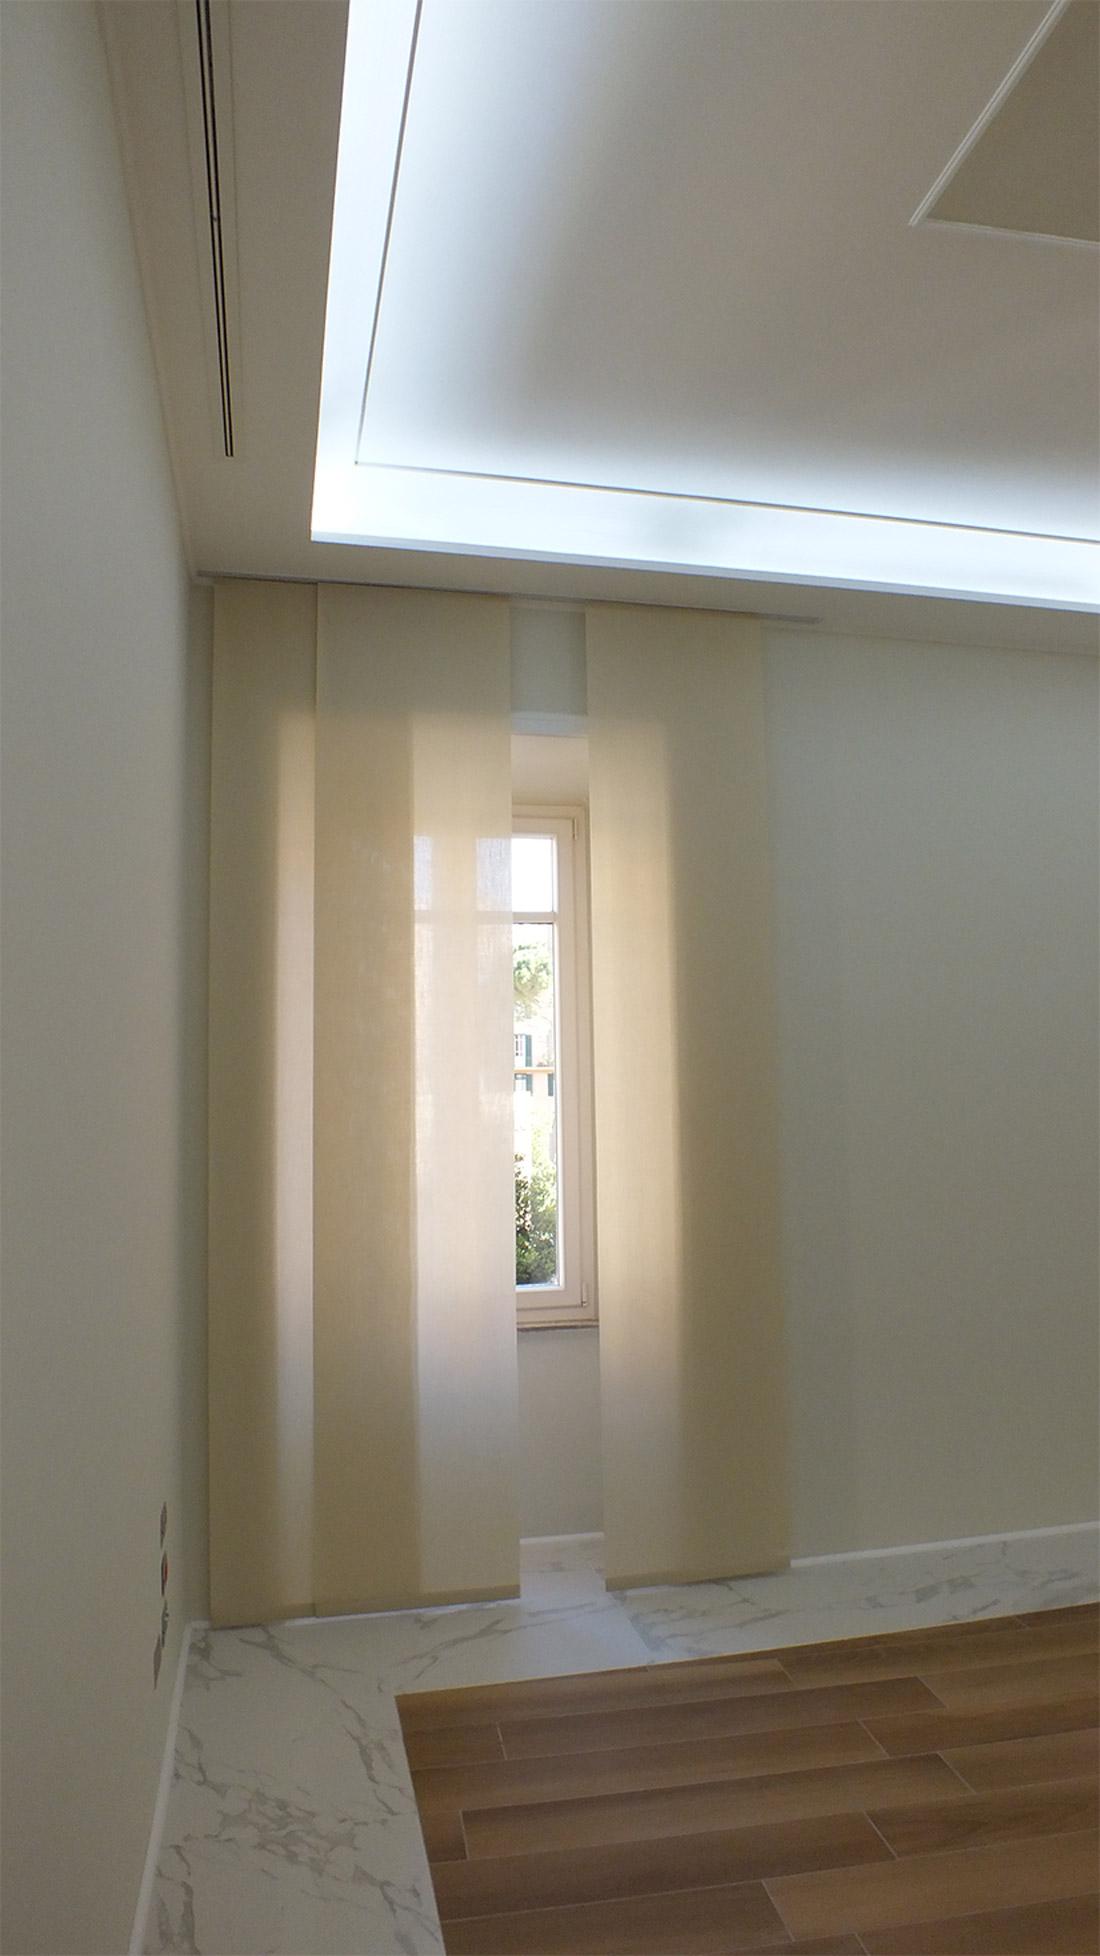 La maestria di Bioedol si nota anche in termini di interior design